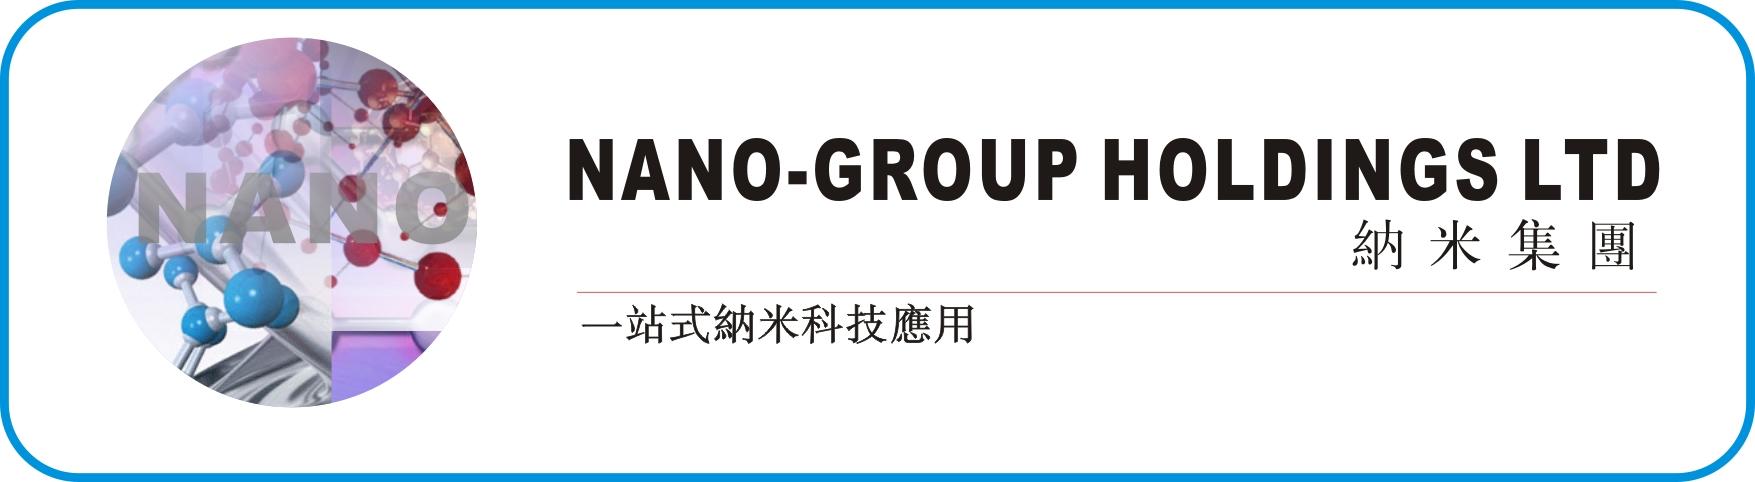 香港纳米集团